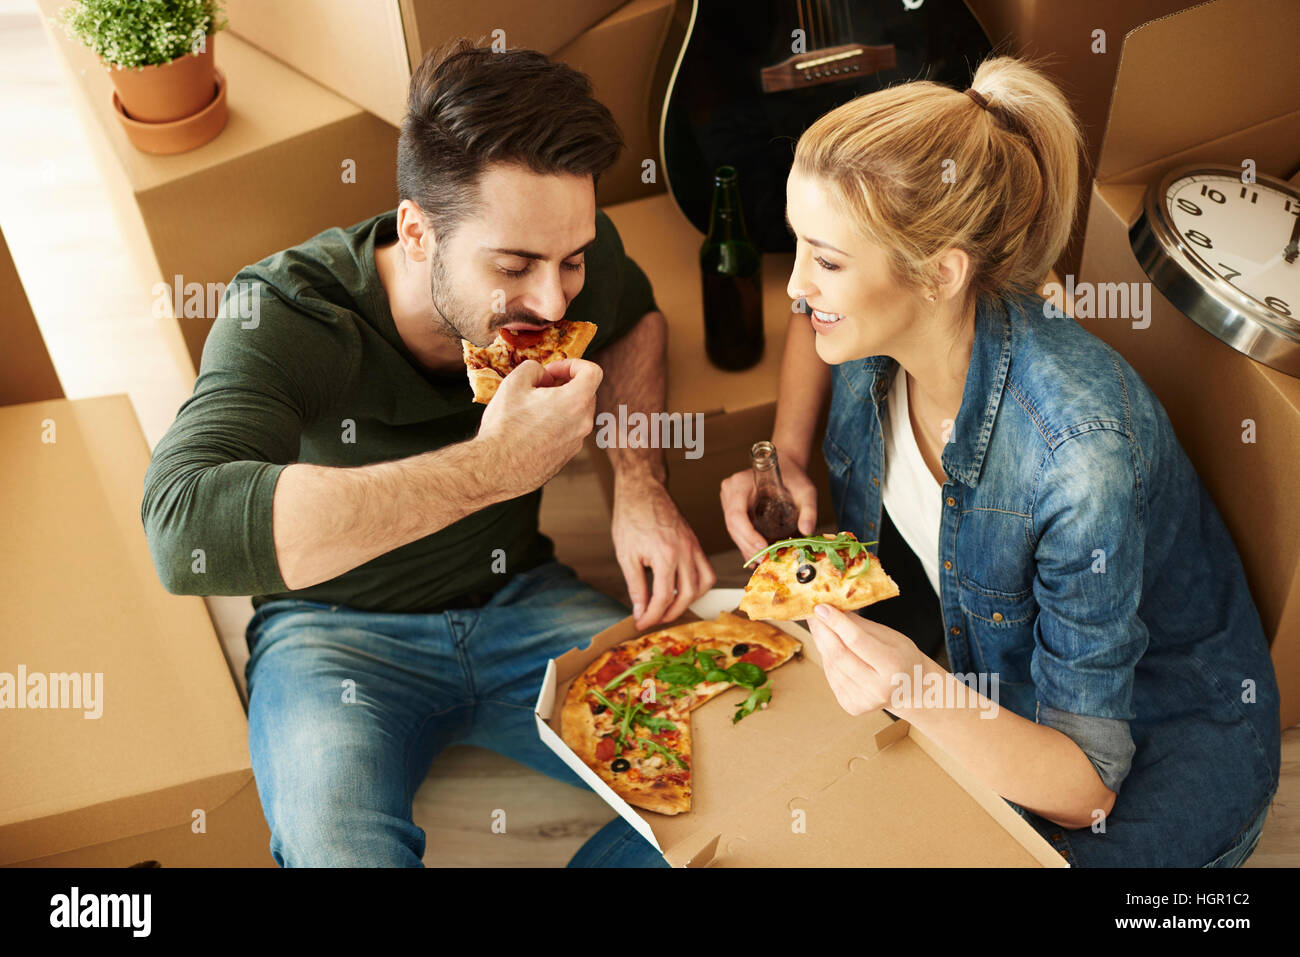 Déménagement chambre couple eating pizza Photo Stock